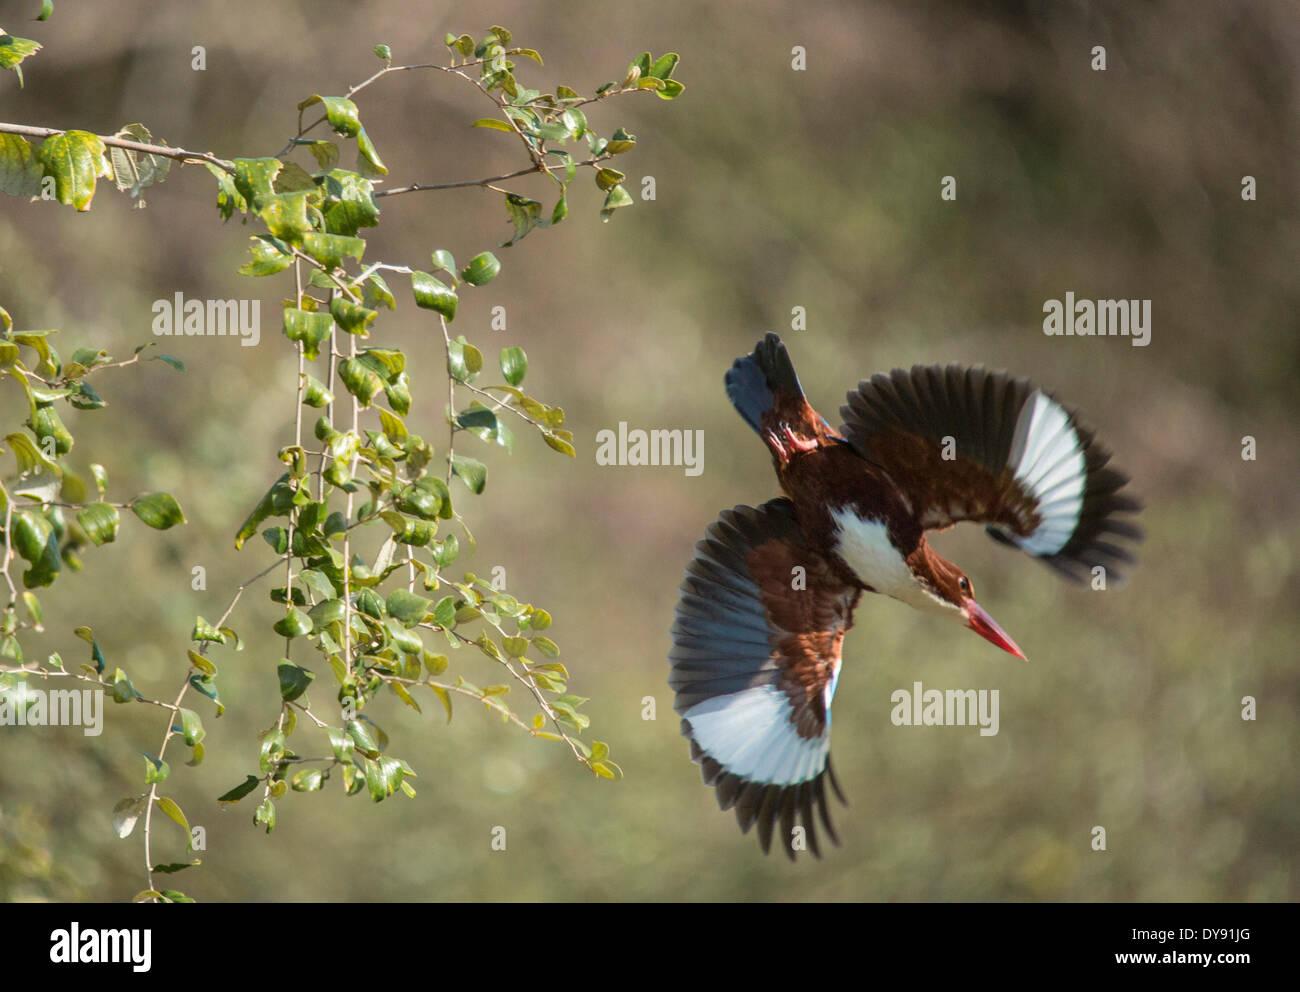 Indisch, Eisvogel, Ranthambore national park, Asien, Indien, Tiere, Rajasthan, Stockbild